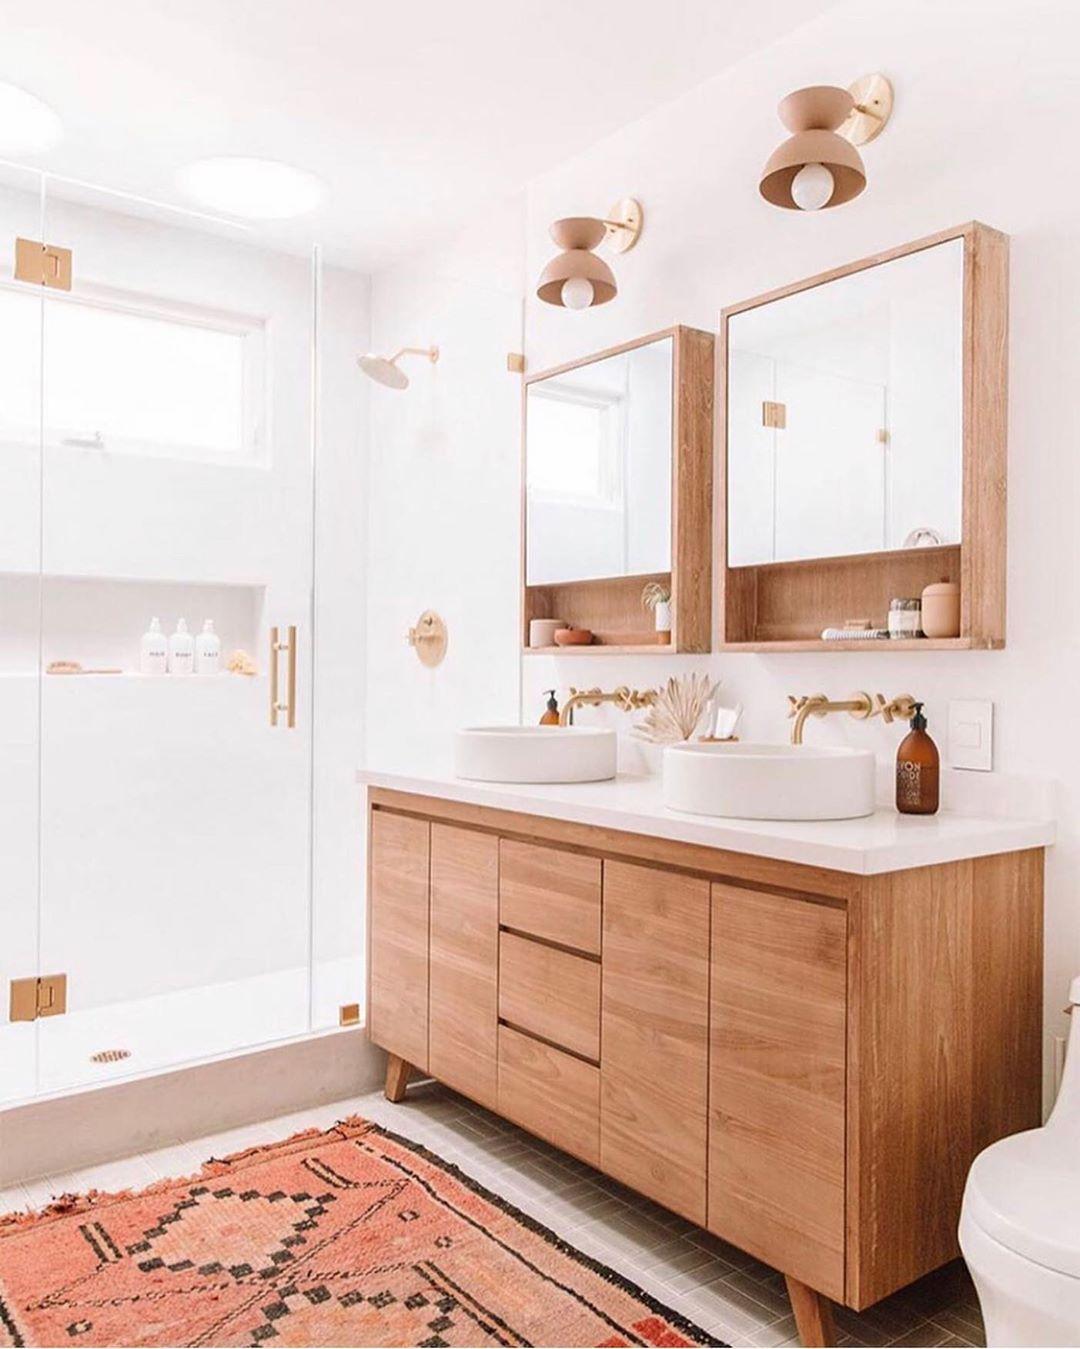 Design Et Inspiration Pour Votre Salle De Bain Salle De Bain Design Idee Salle De Bain Interieur Salle De Bain